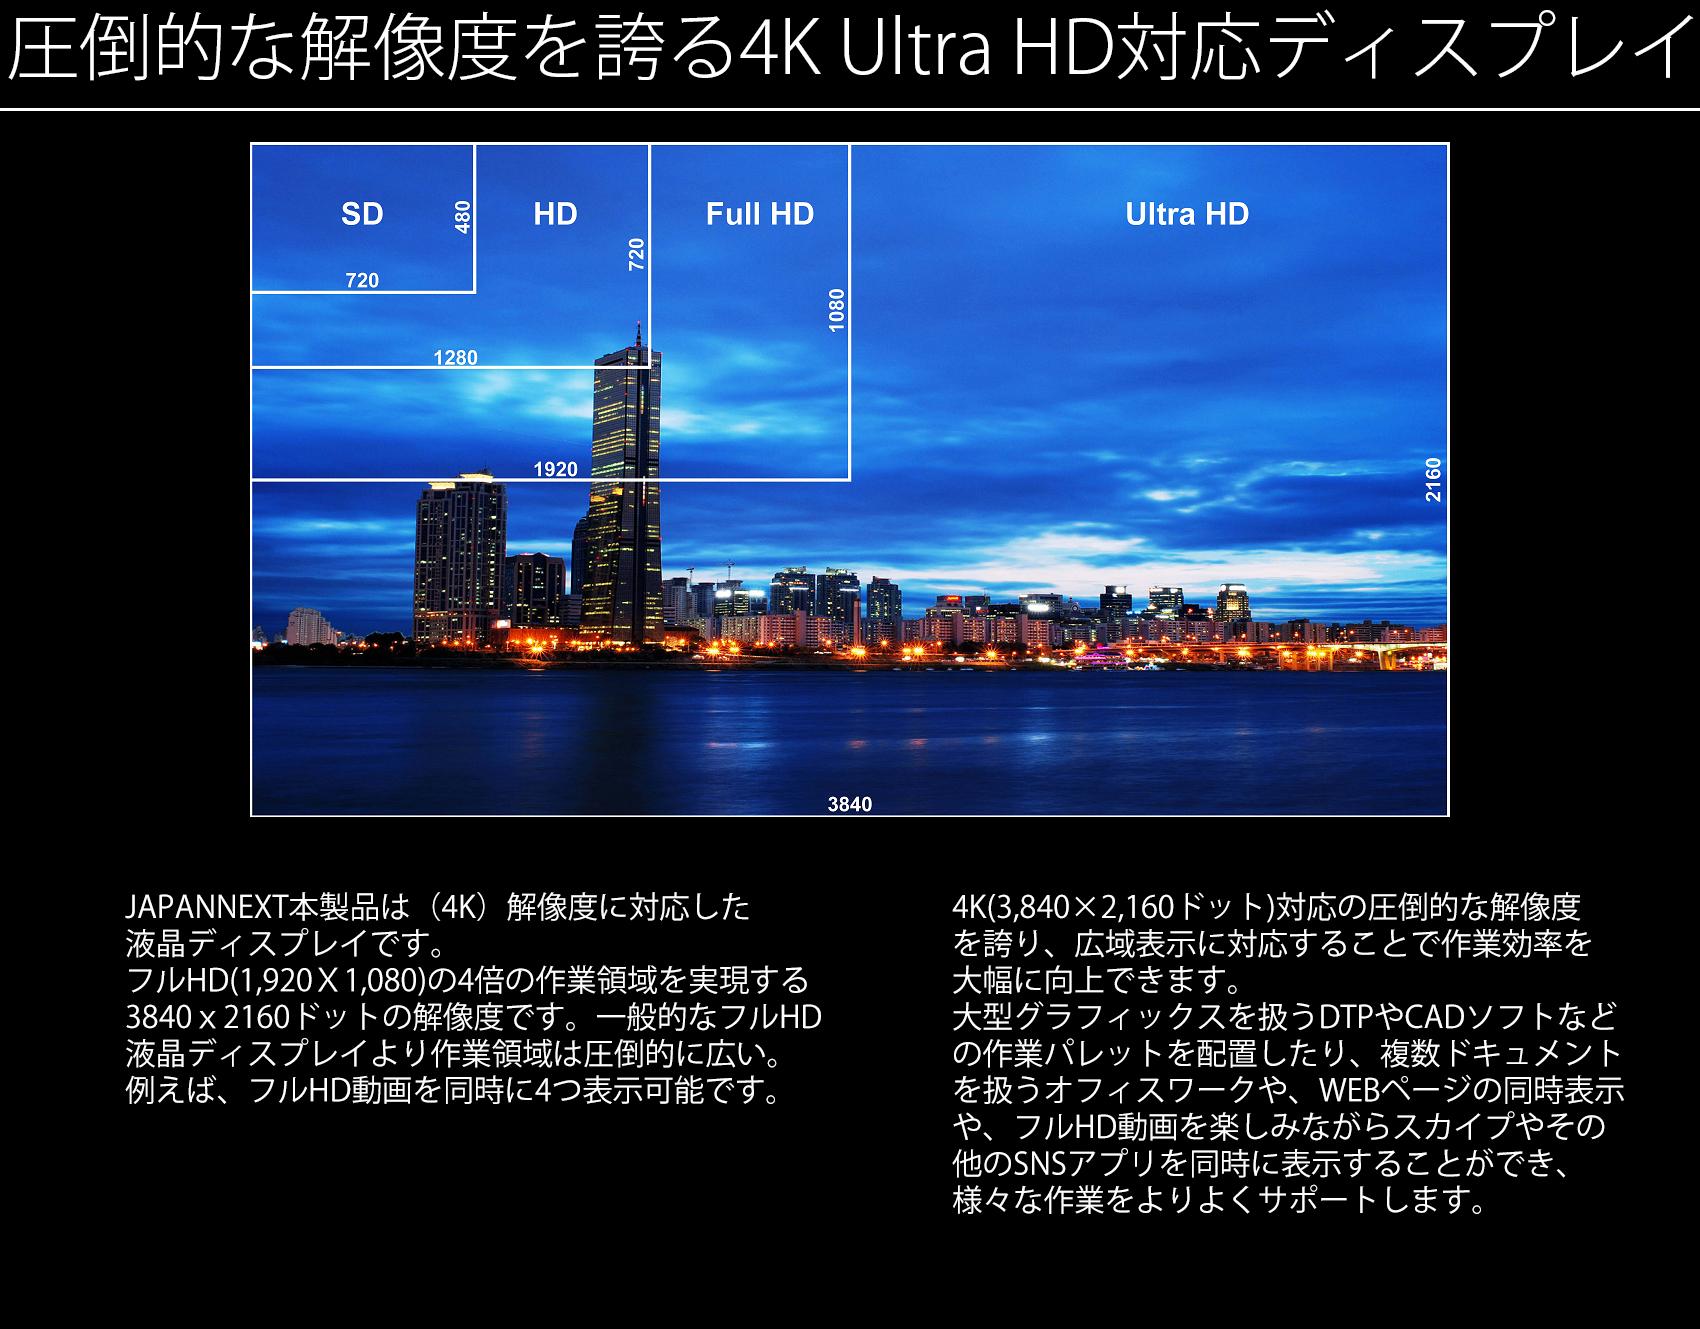 JAPANNEXT本製品は(4K)解像度に対応した 液晶ディスプレイです。 フルHD(1,920×1,080)の4倍の作業領域を実現する 3840x2160ドットの解像度です。一般的なフルHD 液晶ディスプレイより作業領域は圧倒的に広い。 例えば、フルHD動画を同時に4つ表示可能です。 4K(3,840×2,160ドット)対応の圧倒的な解像度 を誇り、広域表示に対応することで作業効率を 大幅に向上できます。 大型グラフィックスを扱うDTPやCADソフトなど の作業パレットを配置したり、複数ドキュメント を扱うオフィスワークや、WEBページの同時表示 や、フルHD動画を楽しみながらスカイプやその 他のSNSアプリを同時に表示することができ、 様々な作業をよりよくサポートします。